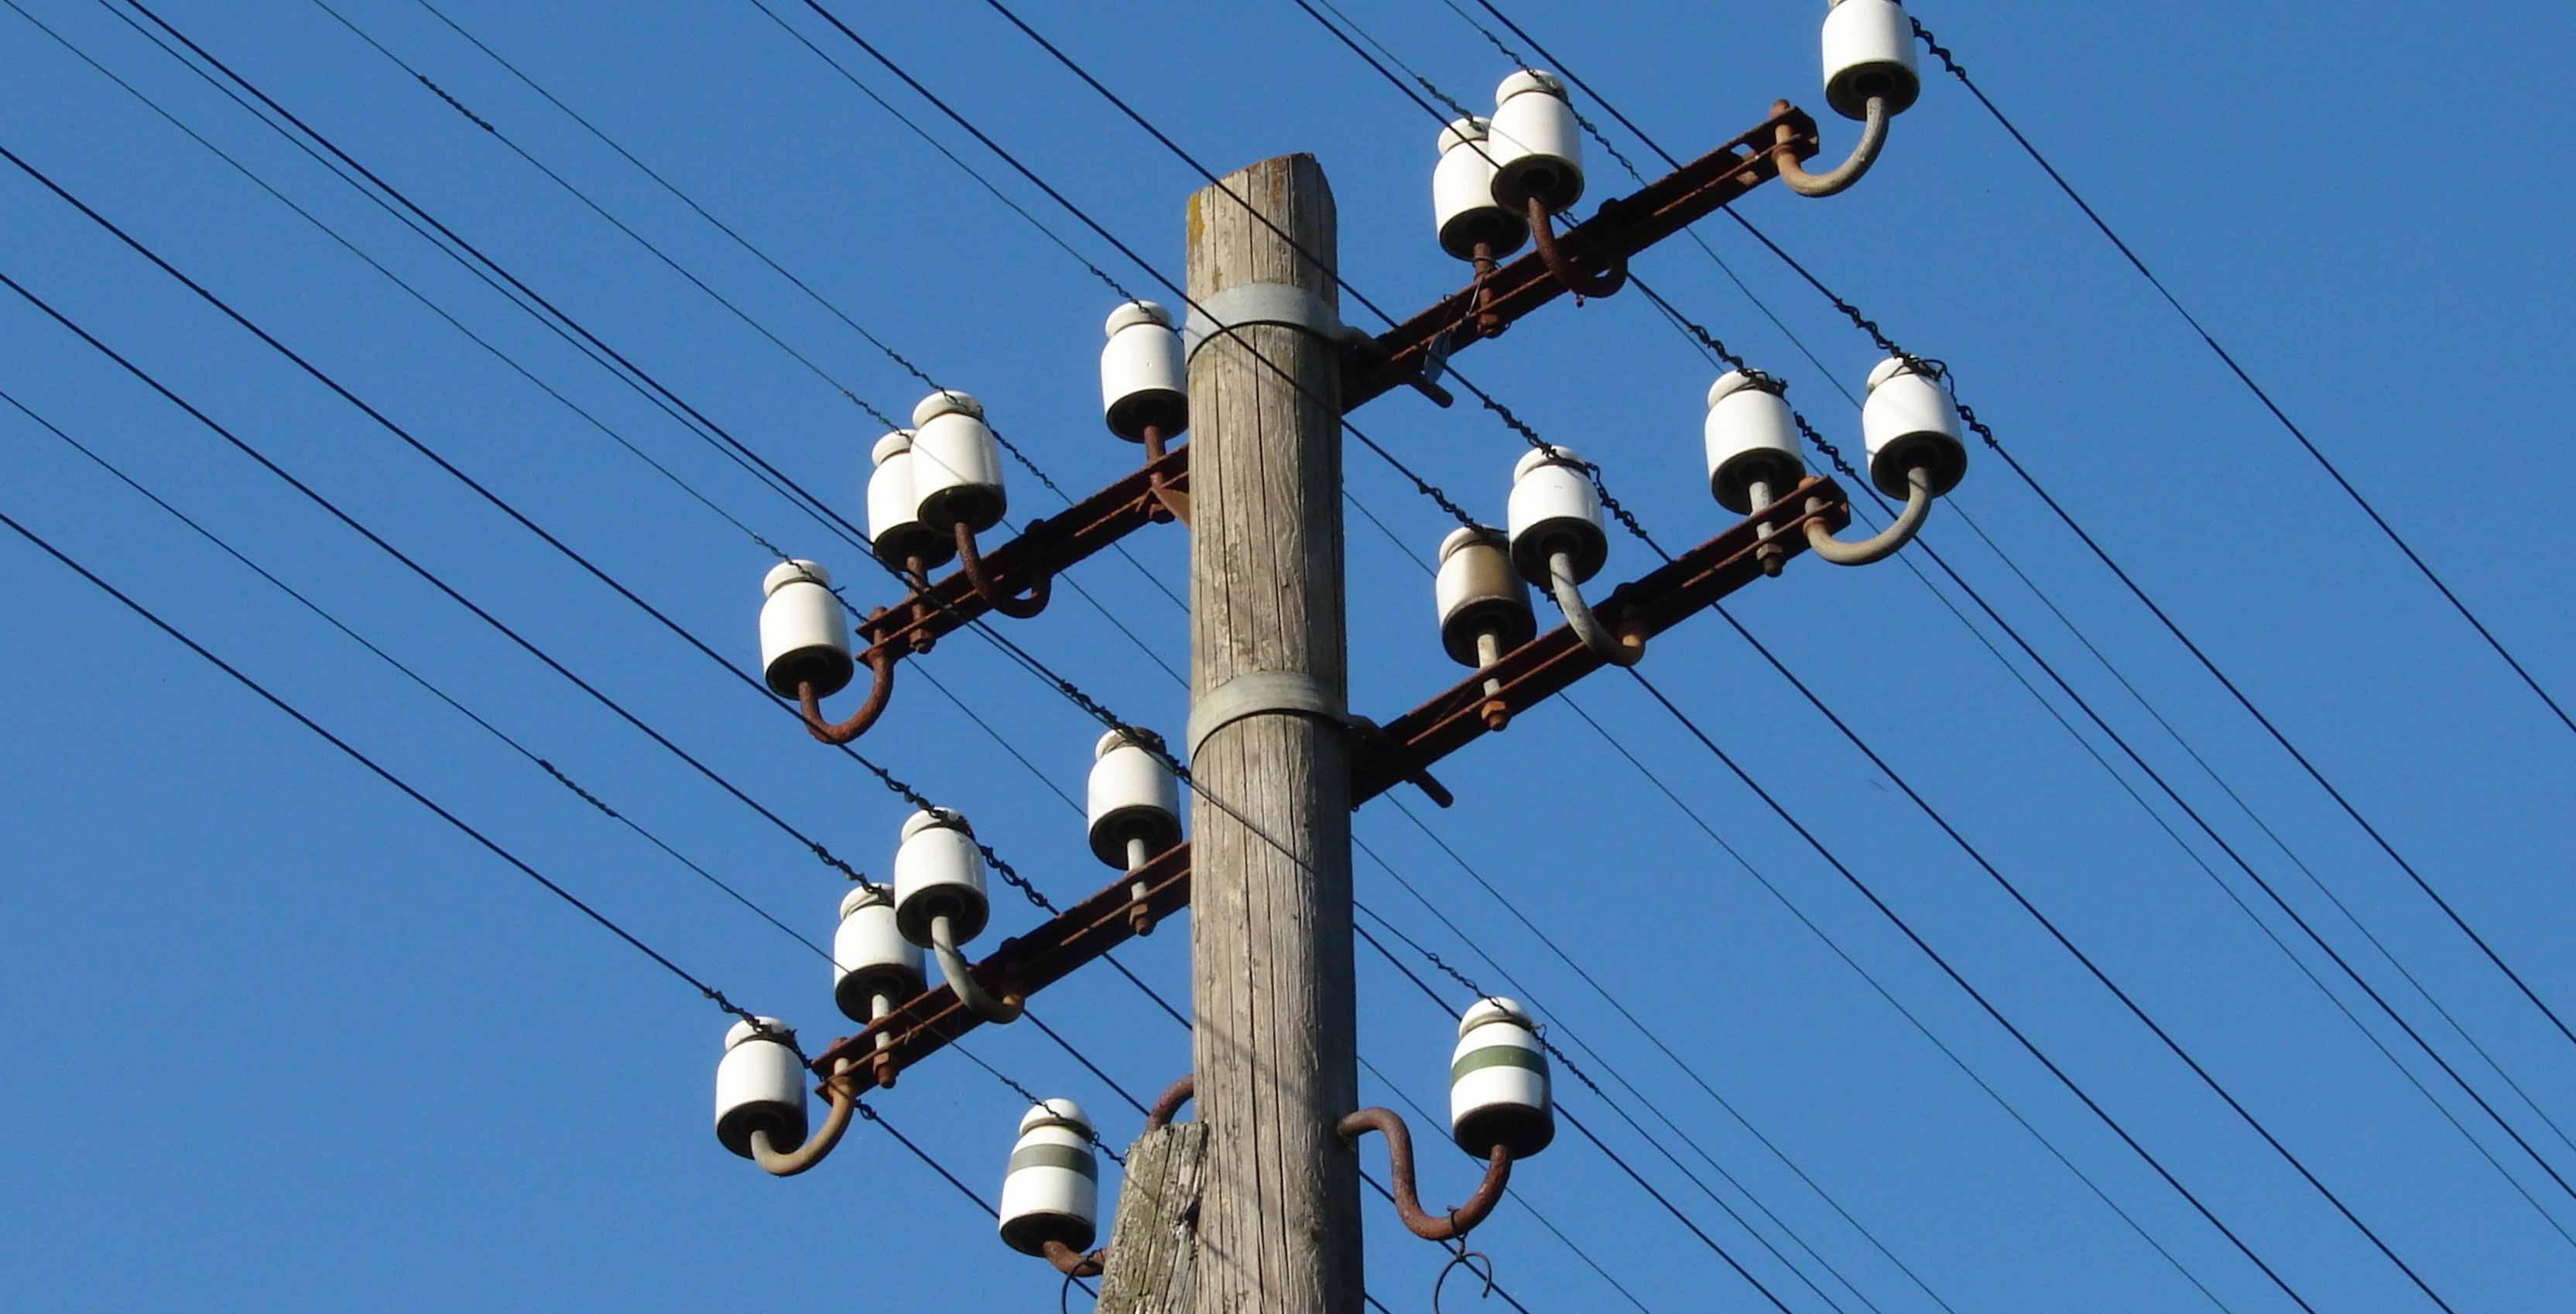 telephone wires - 600mhz spectrum canada